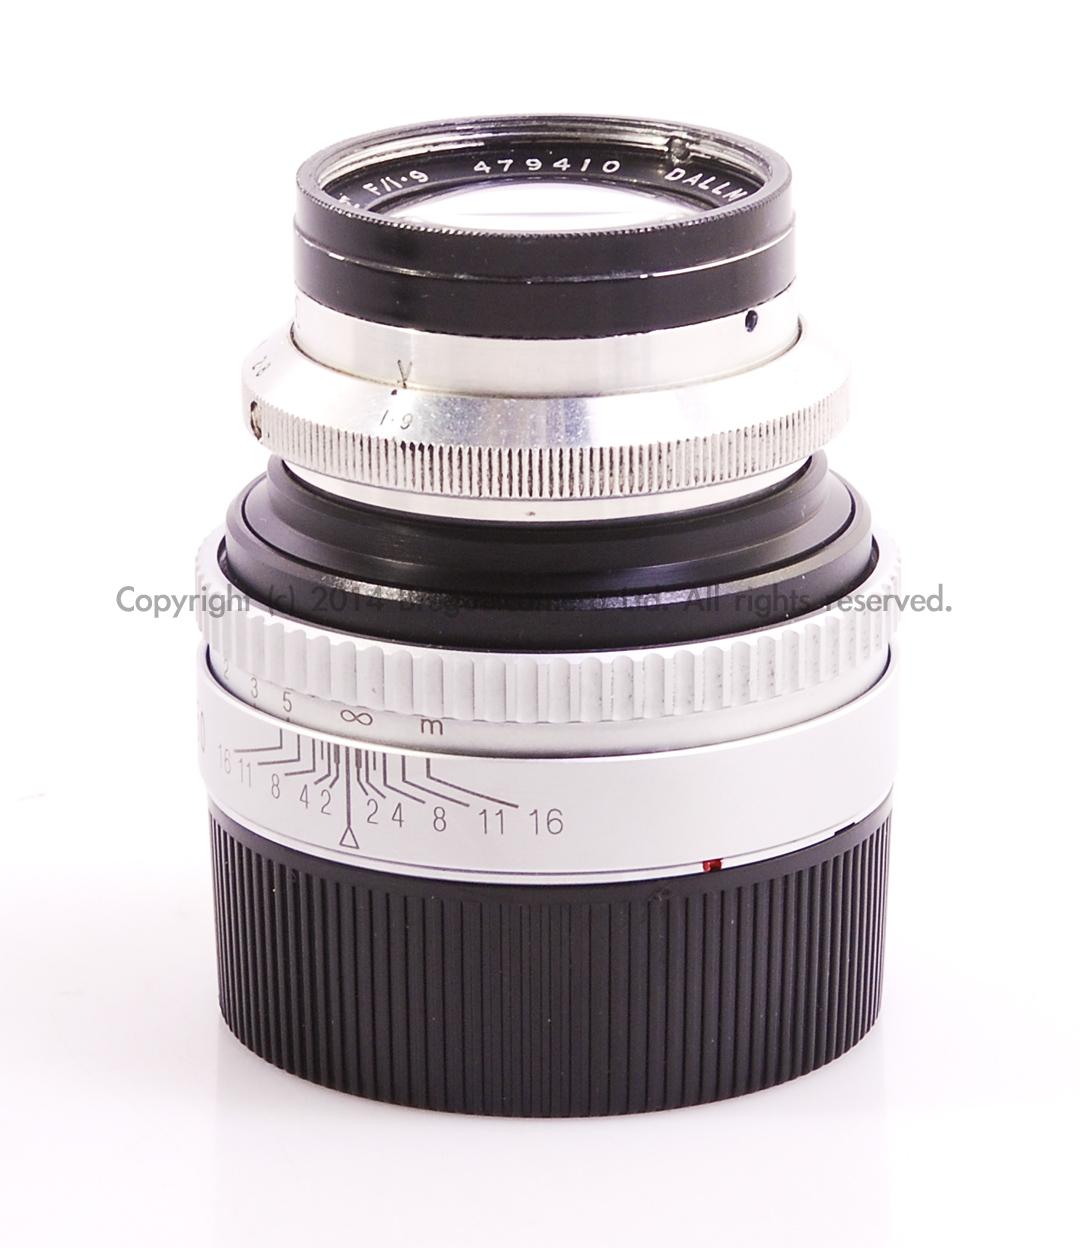 癹f�i)��&9�9.�_出售 95新 其它相机 【英国电影镜王】 dallmeyer super-six